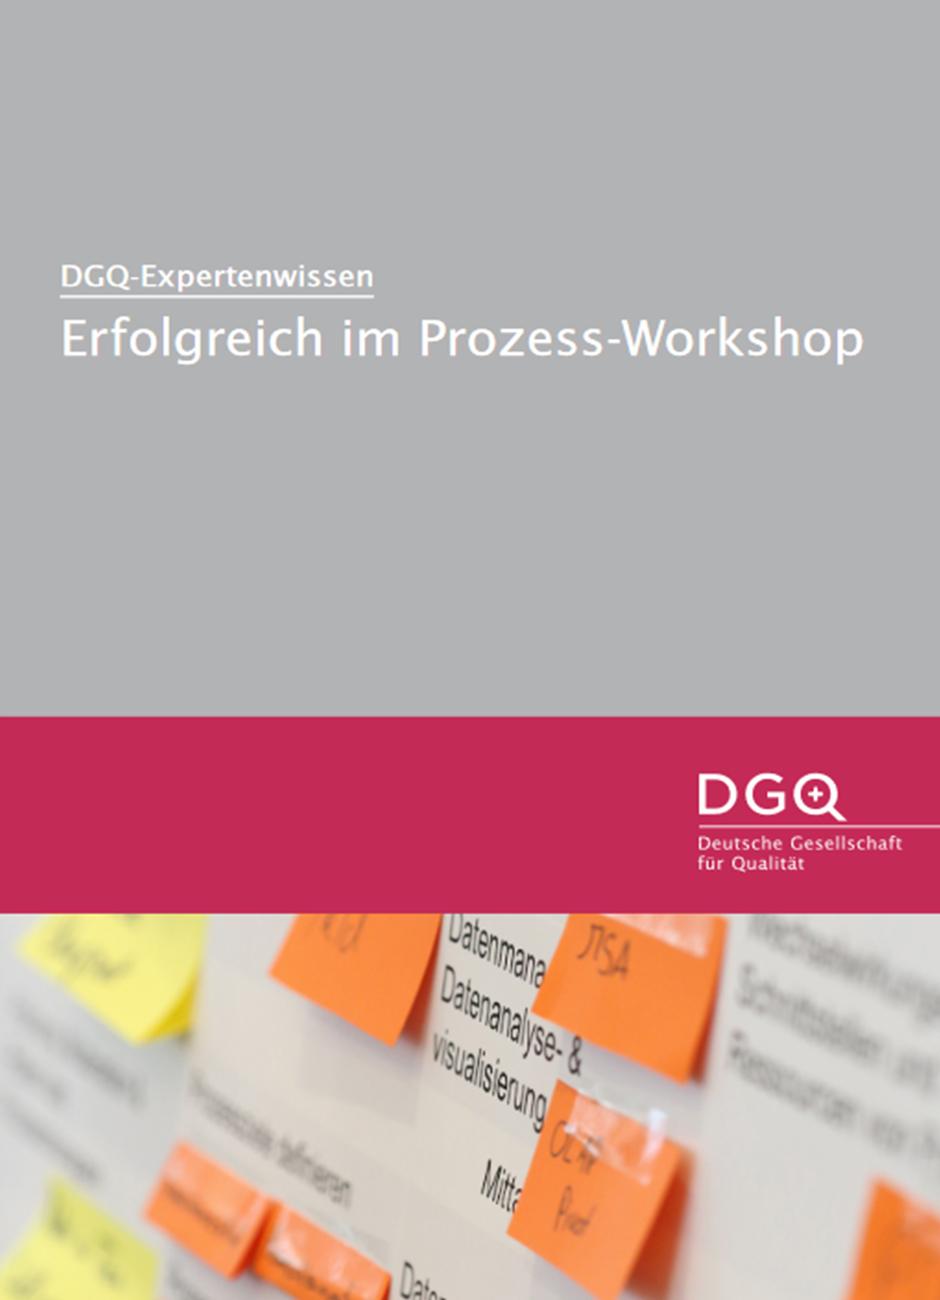 DGQ-Whitepaper: Erfolgreich im Prozess-Workshop